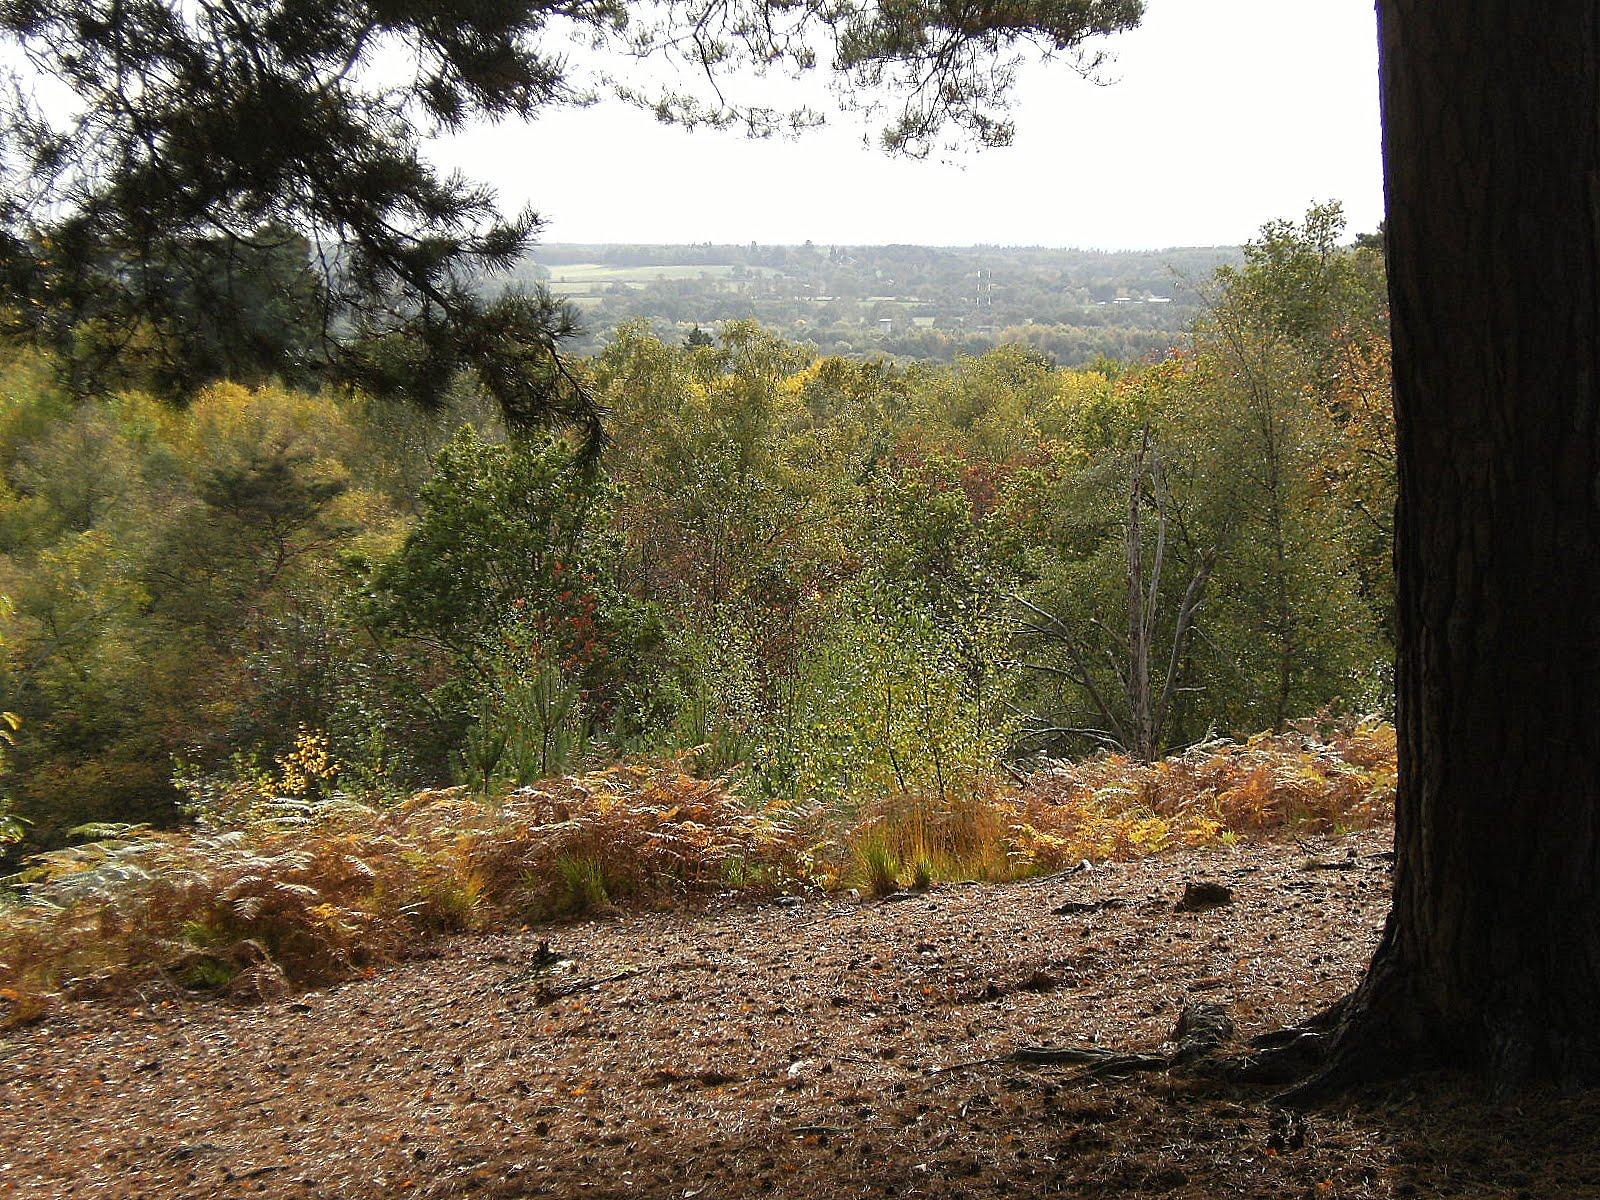 DSCF2125 Viewpoint on Finchampstead Ridges